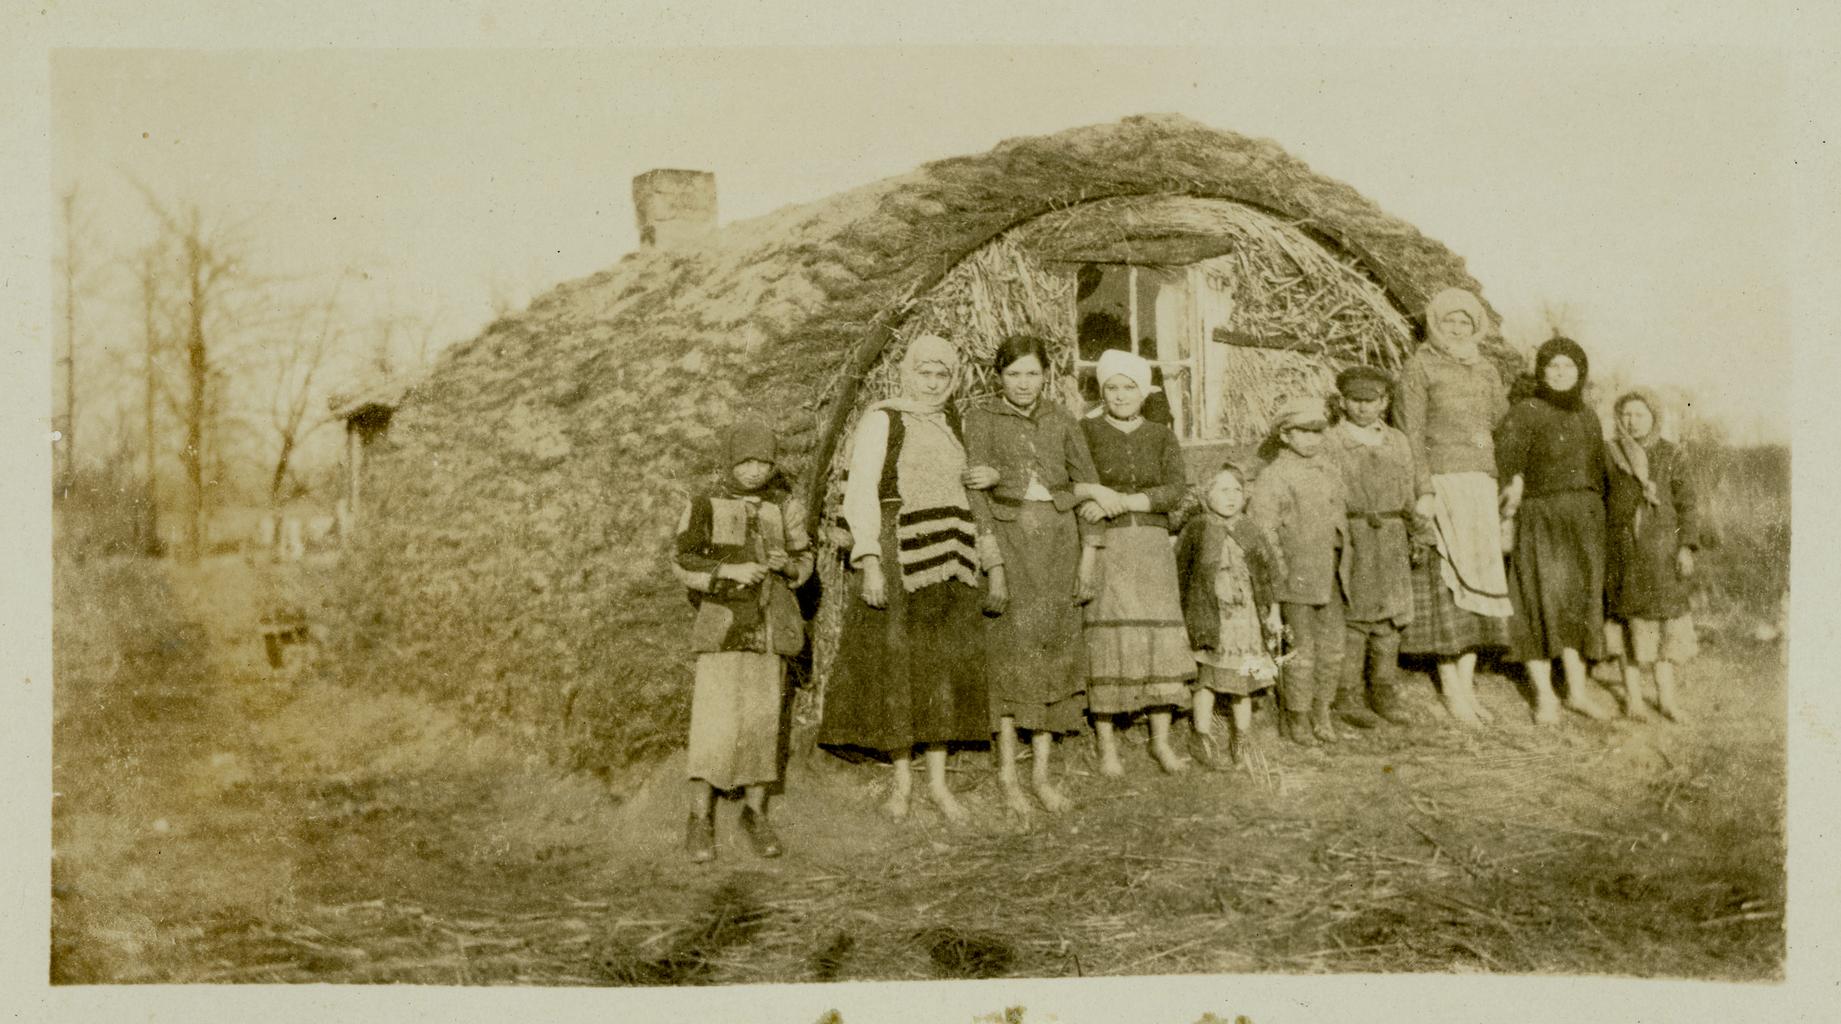 Еврейская семья рядом со своим временным домом, Польша